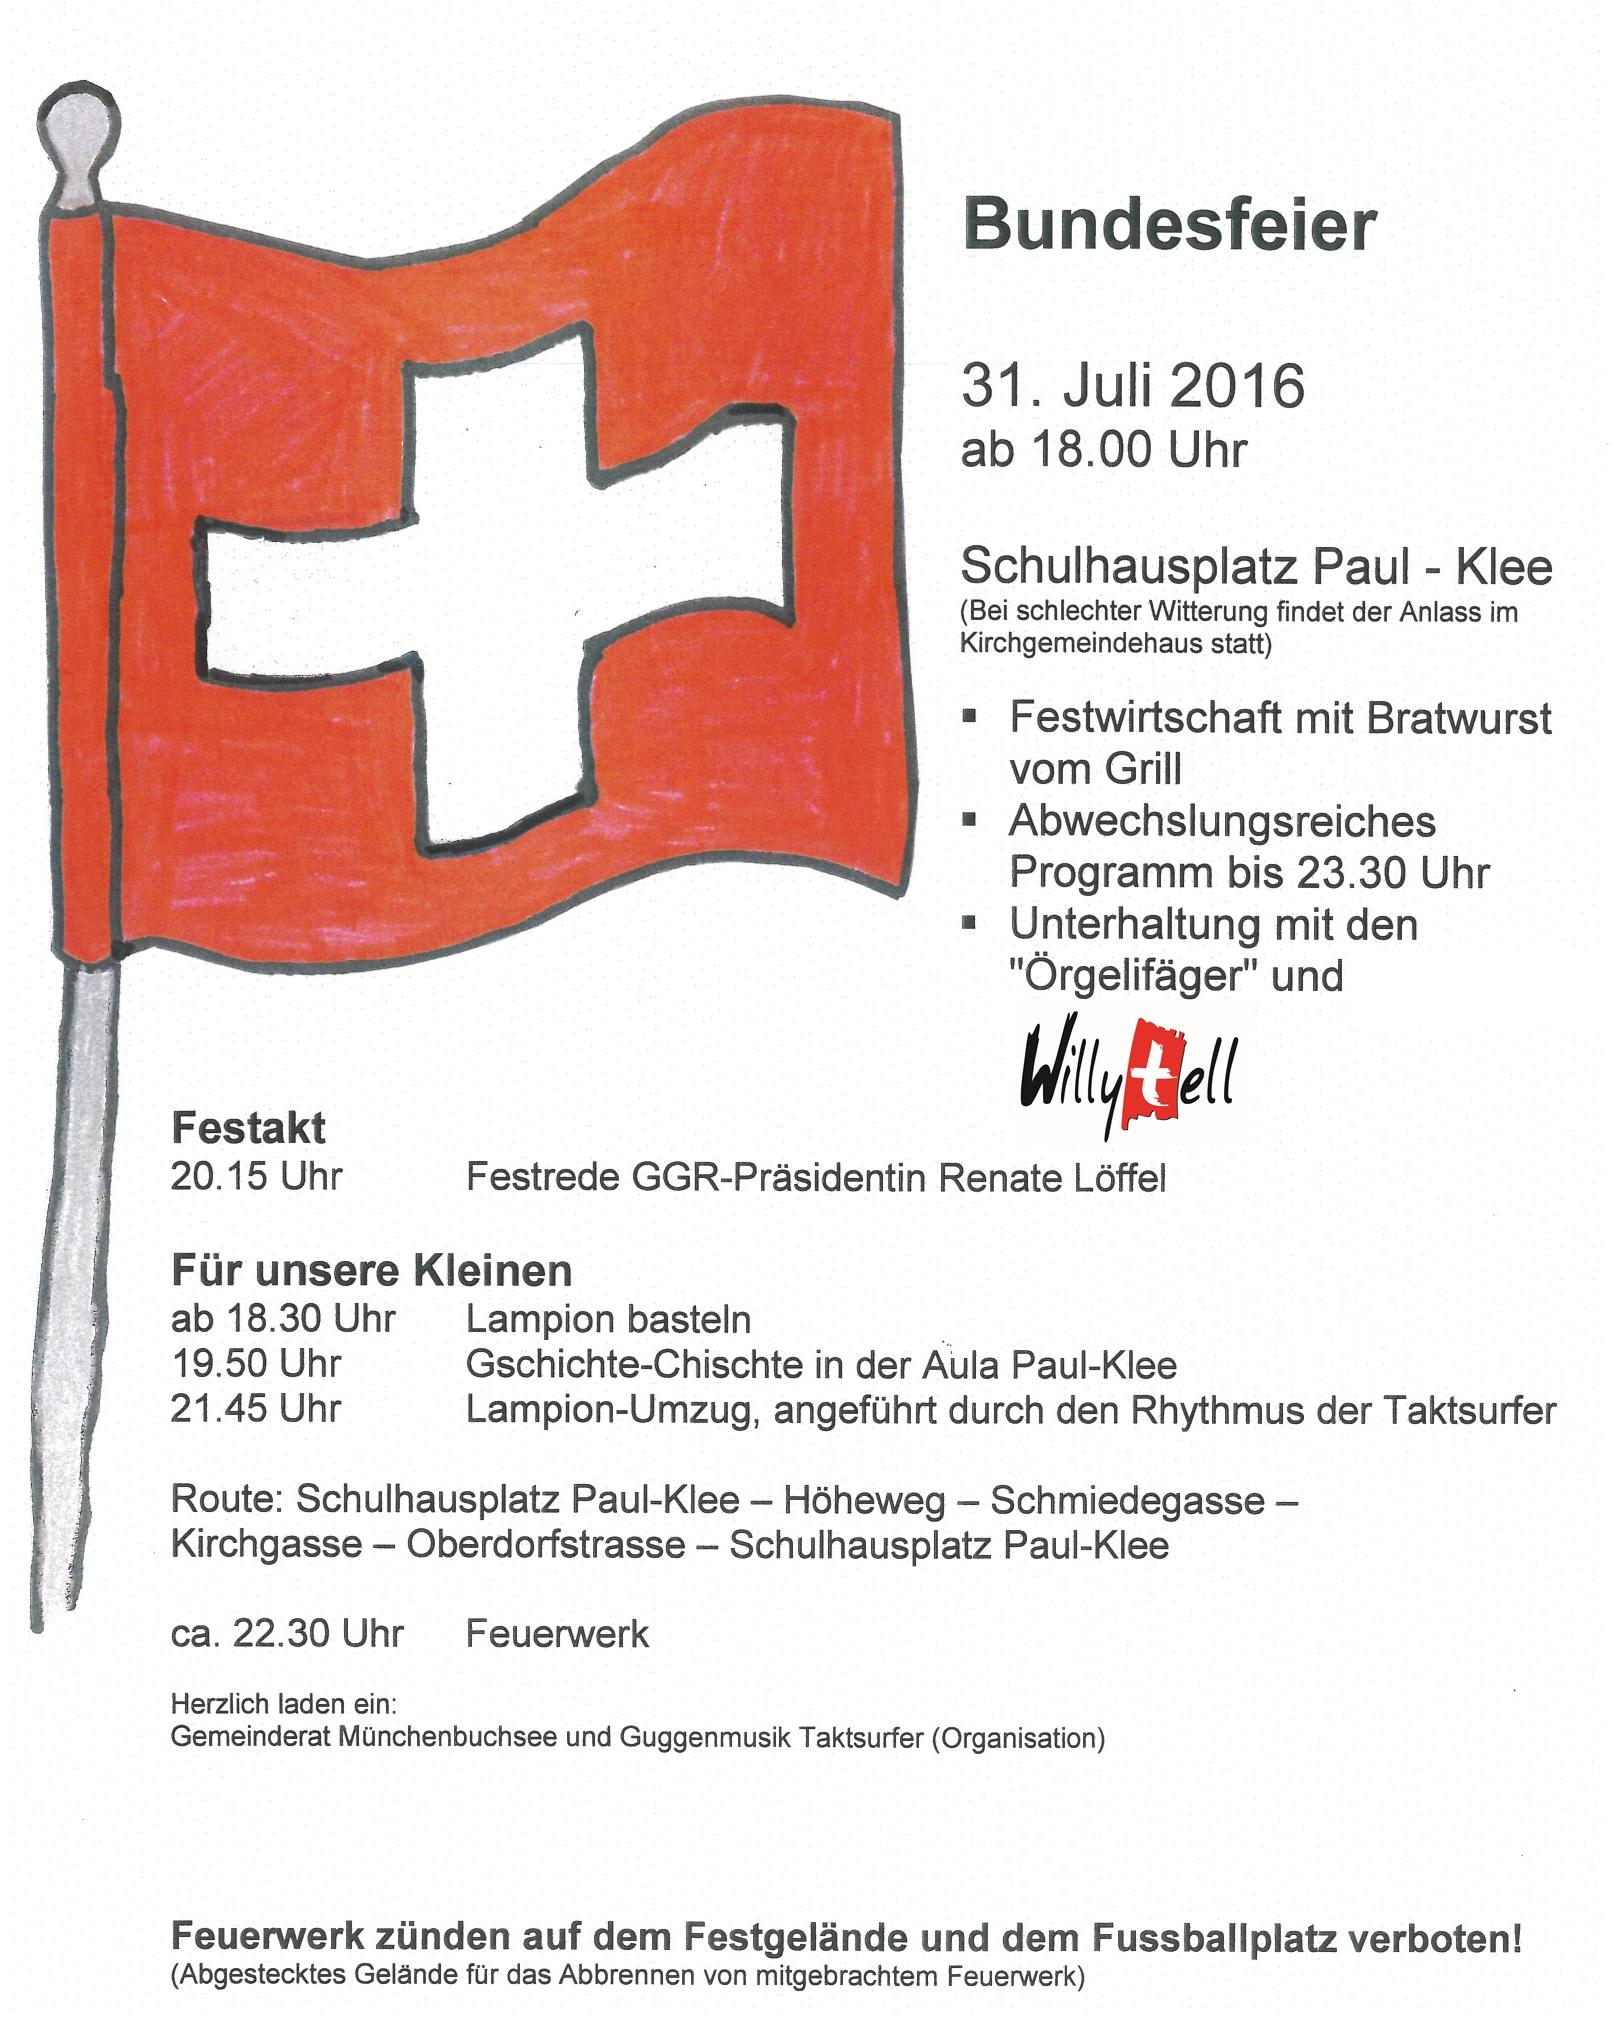 Flyer Bundesfeier Münchenbuchsee_neu